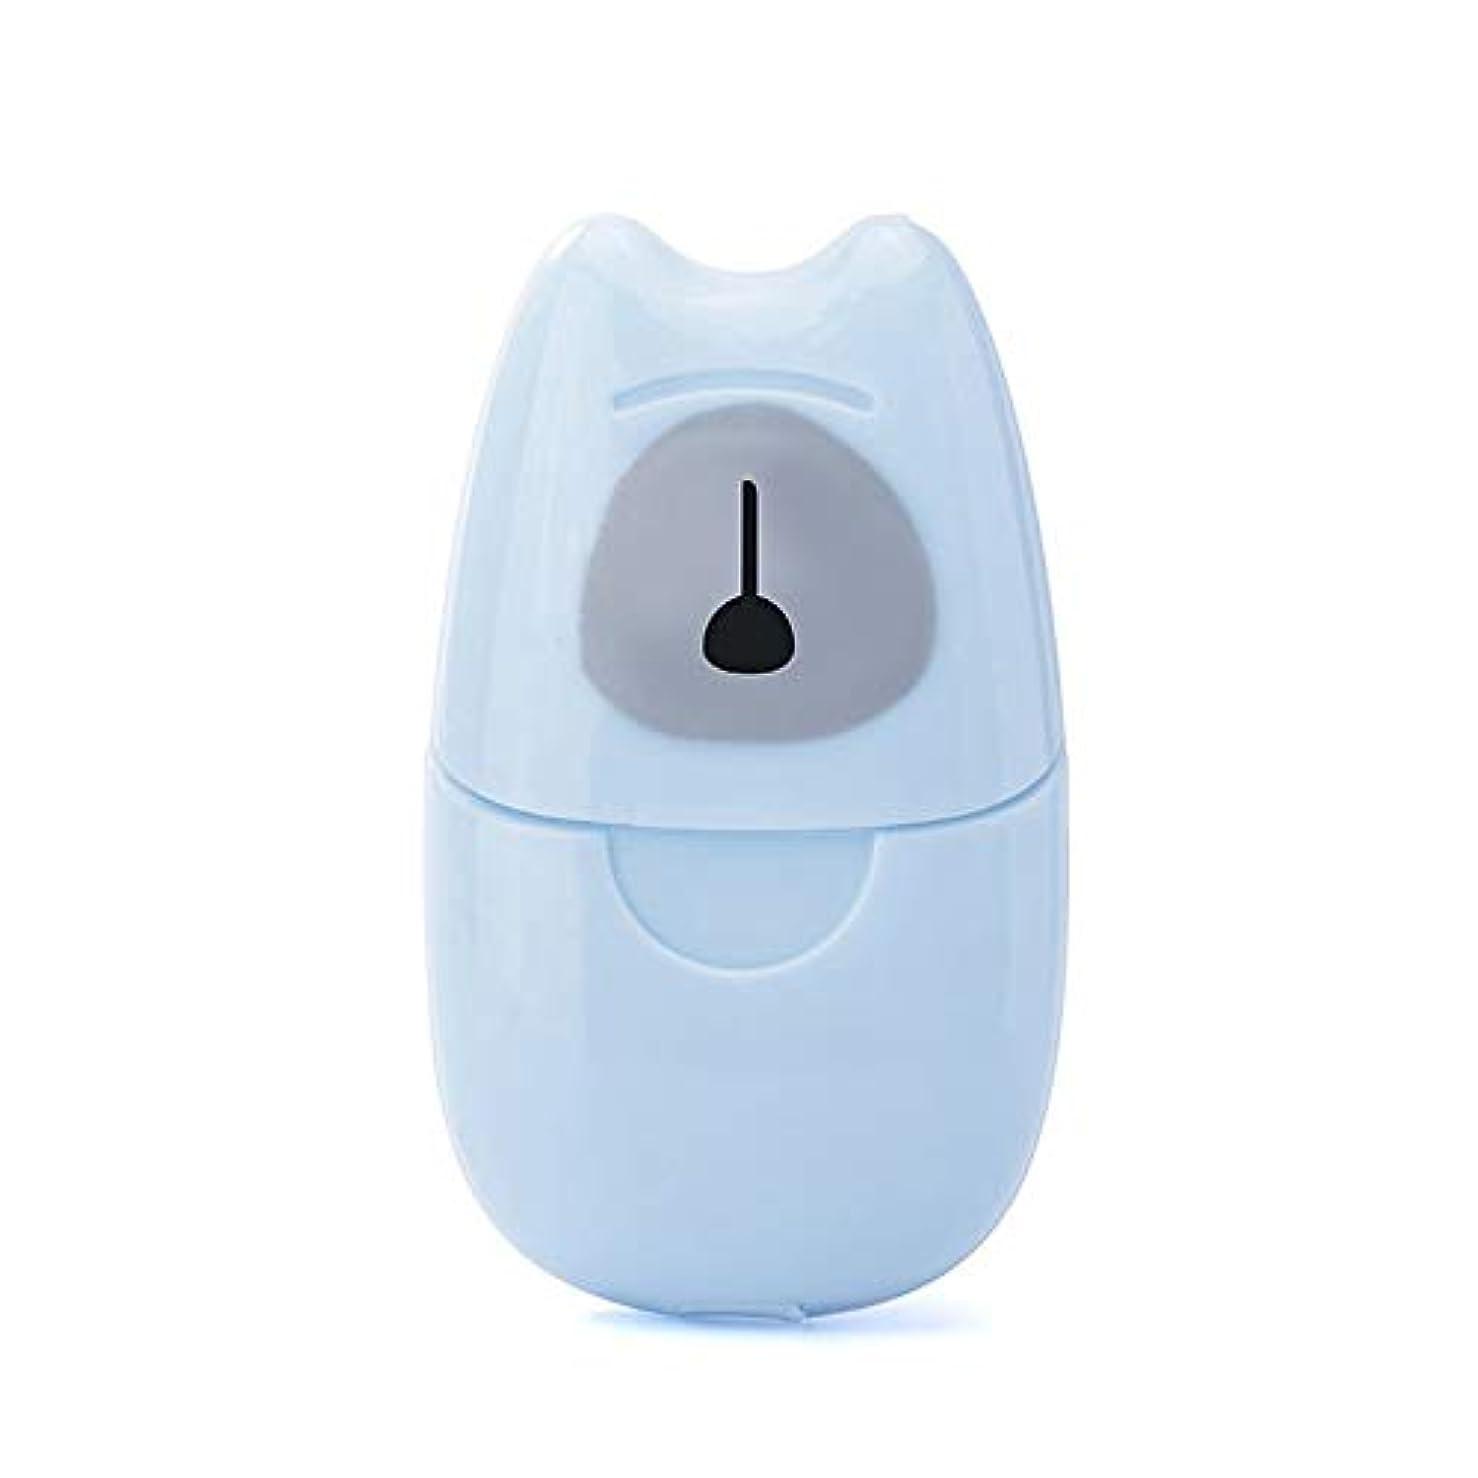 独裁モノグラフ染料箱入り石鹸紙旅行ポータブル屋外手洗い石鹸香りスライスシート50ピースミニ石鹸紙でプラスチックボックス(Color:blue)